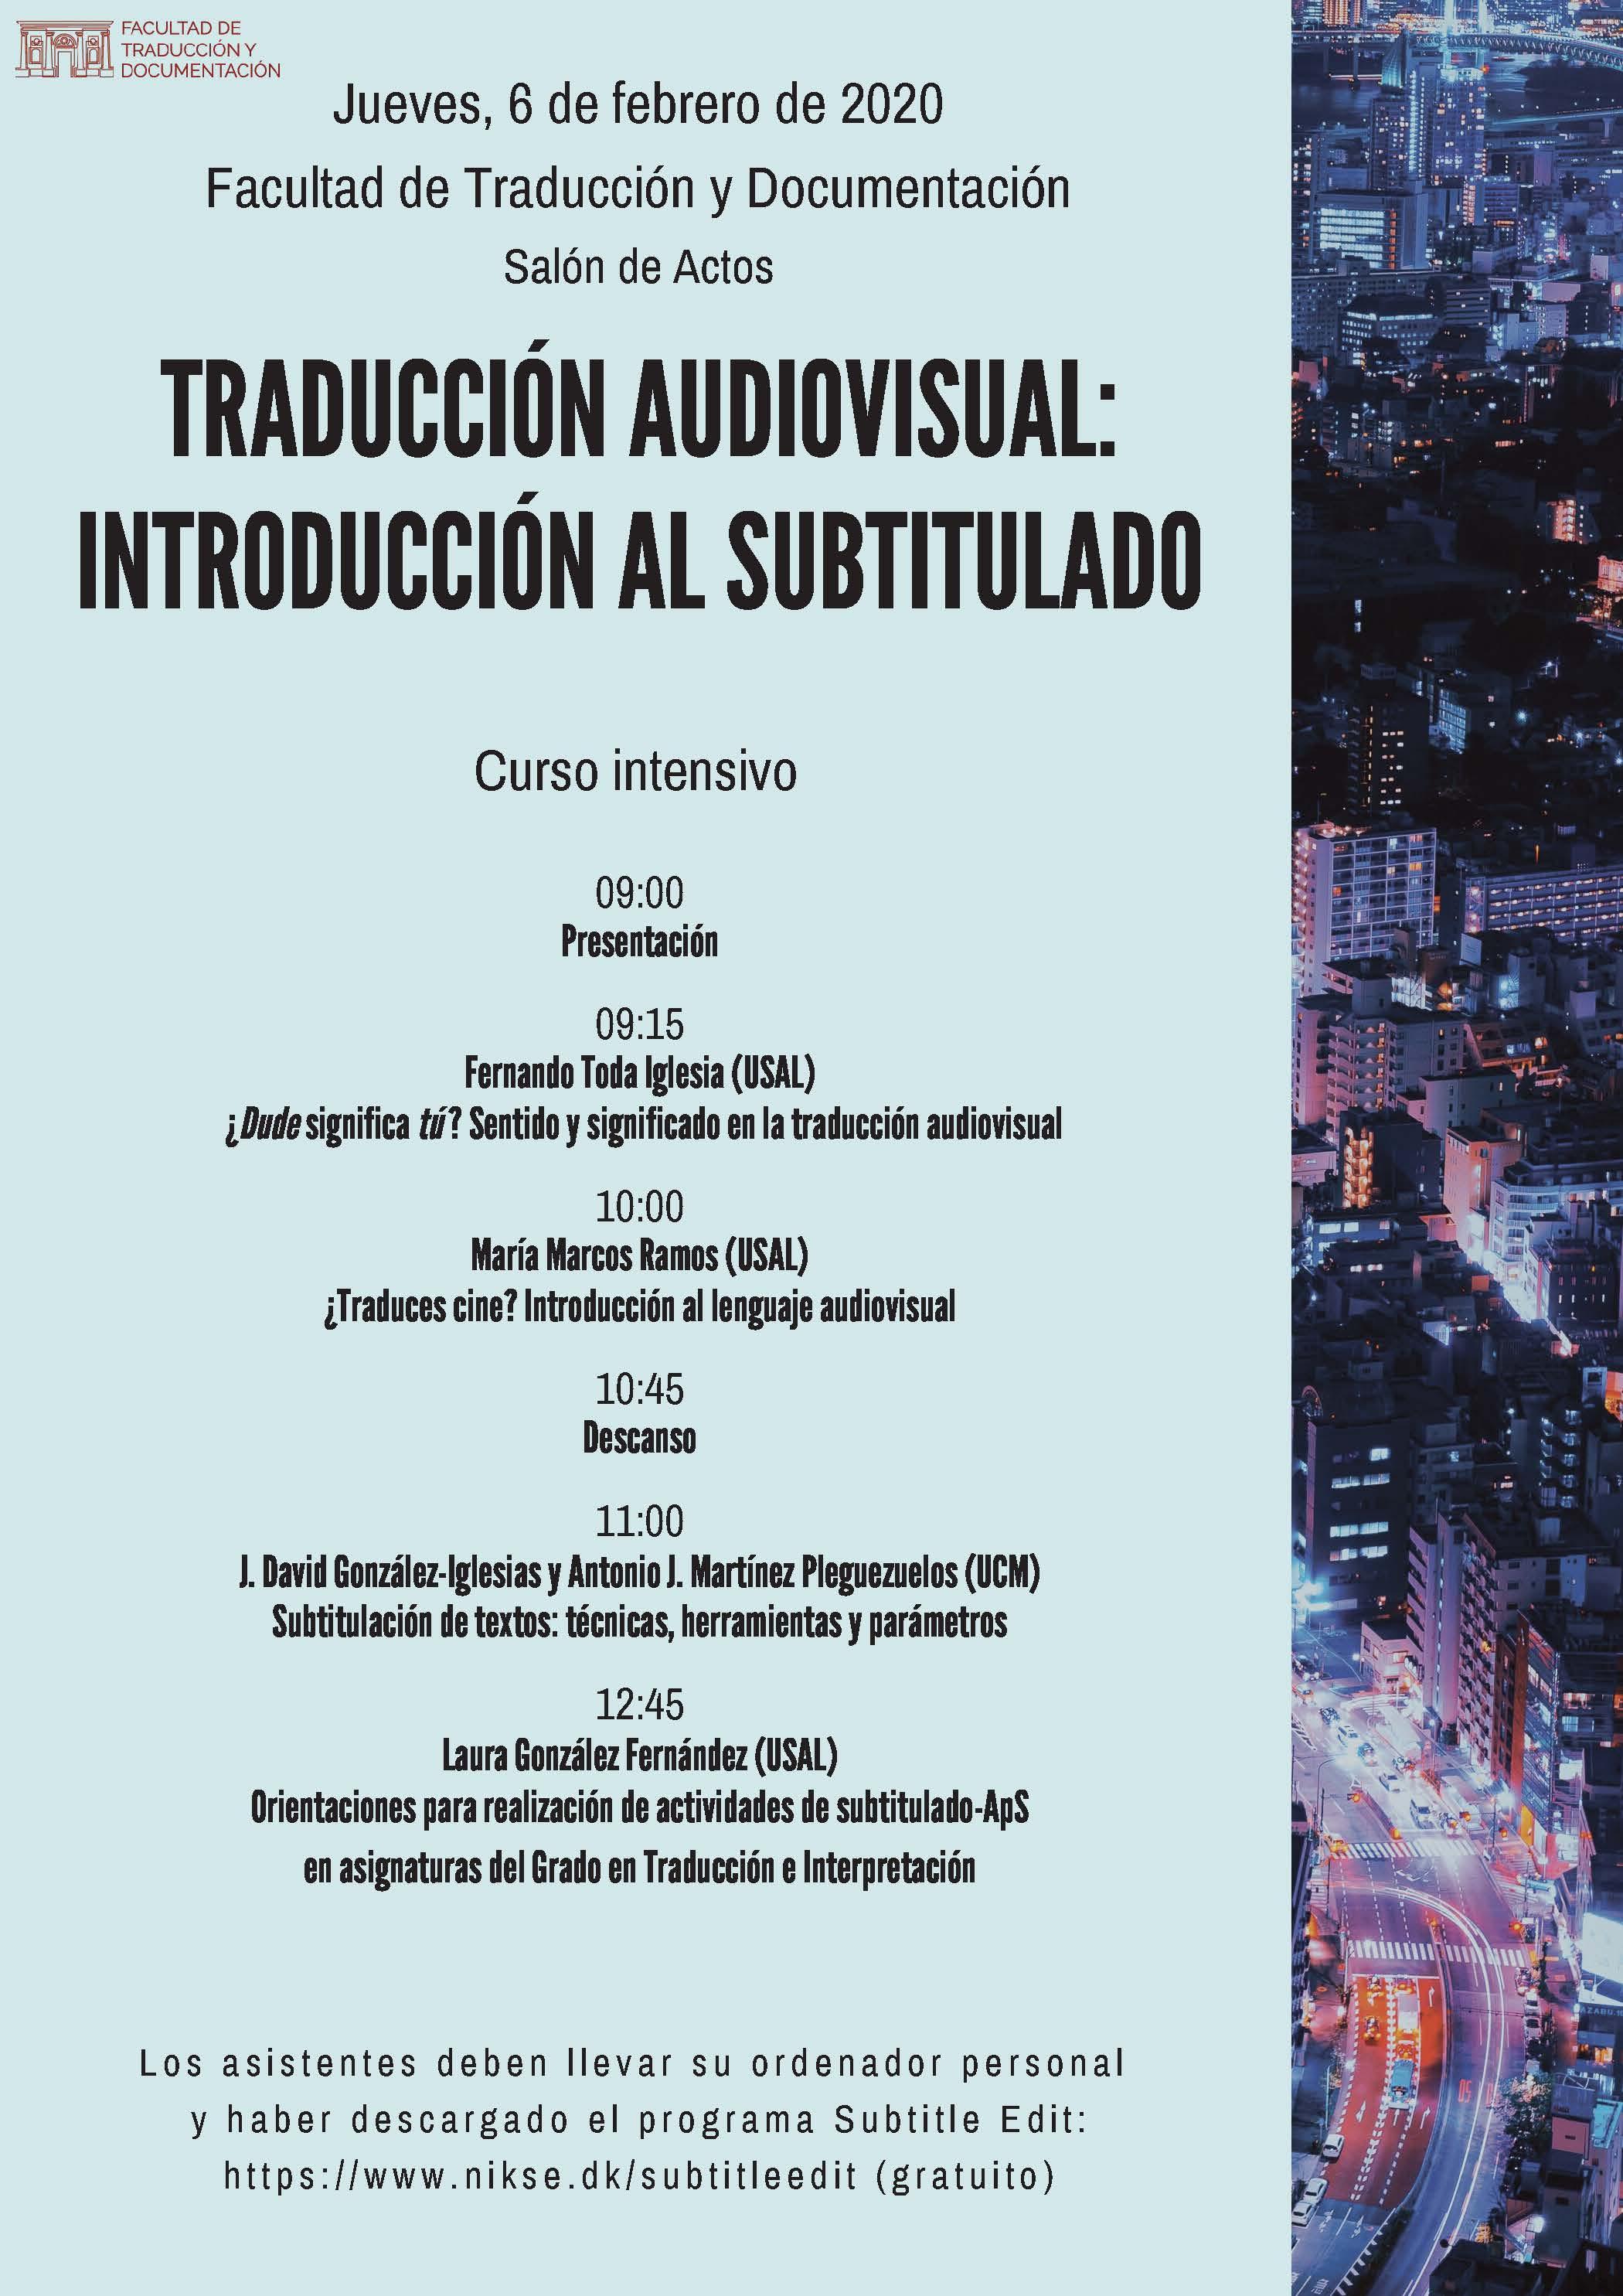 Traducción audiovisual. Introducción al subtitulado-2020-02-06